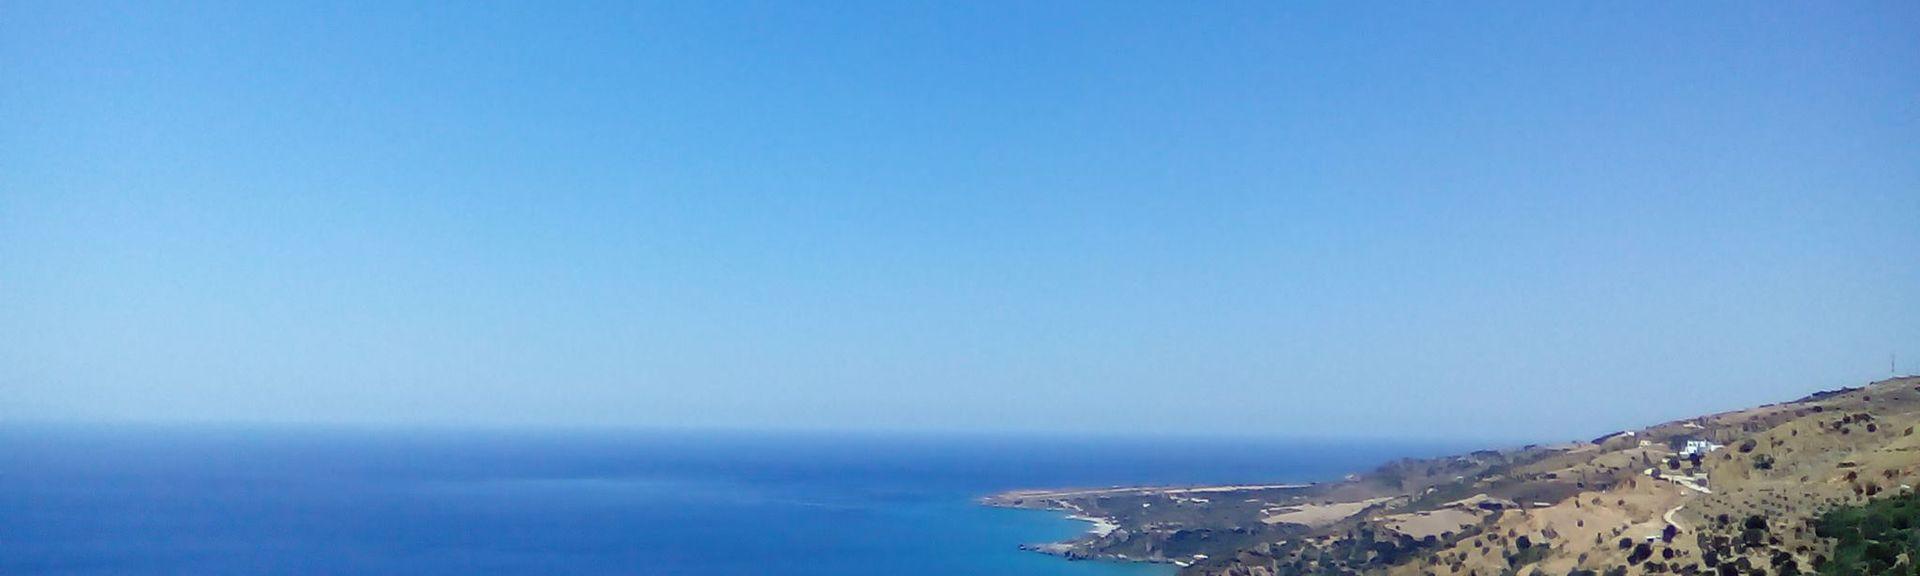 Viannos, Isla de Creta, Grecia